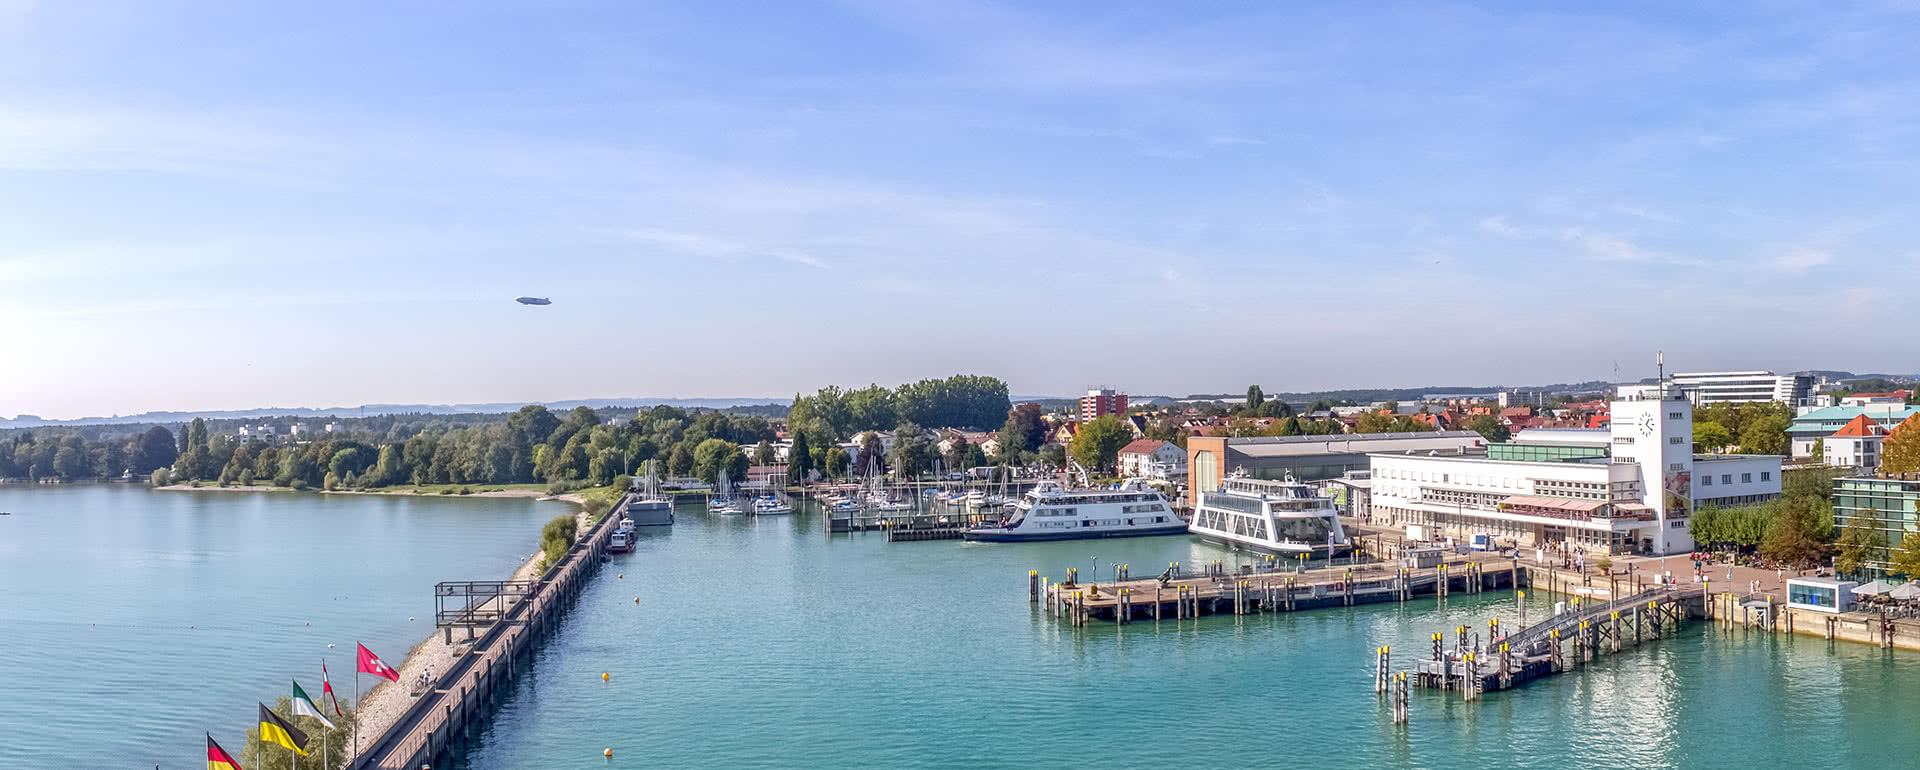 Titelbild von Friedrichshafen